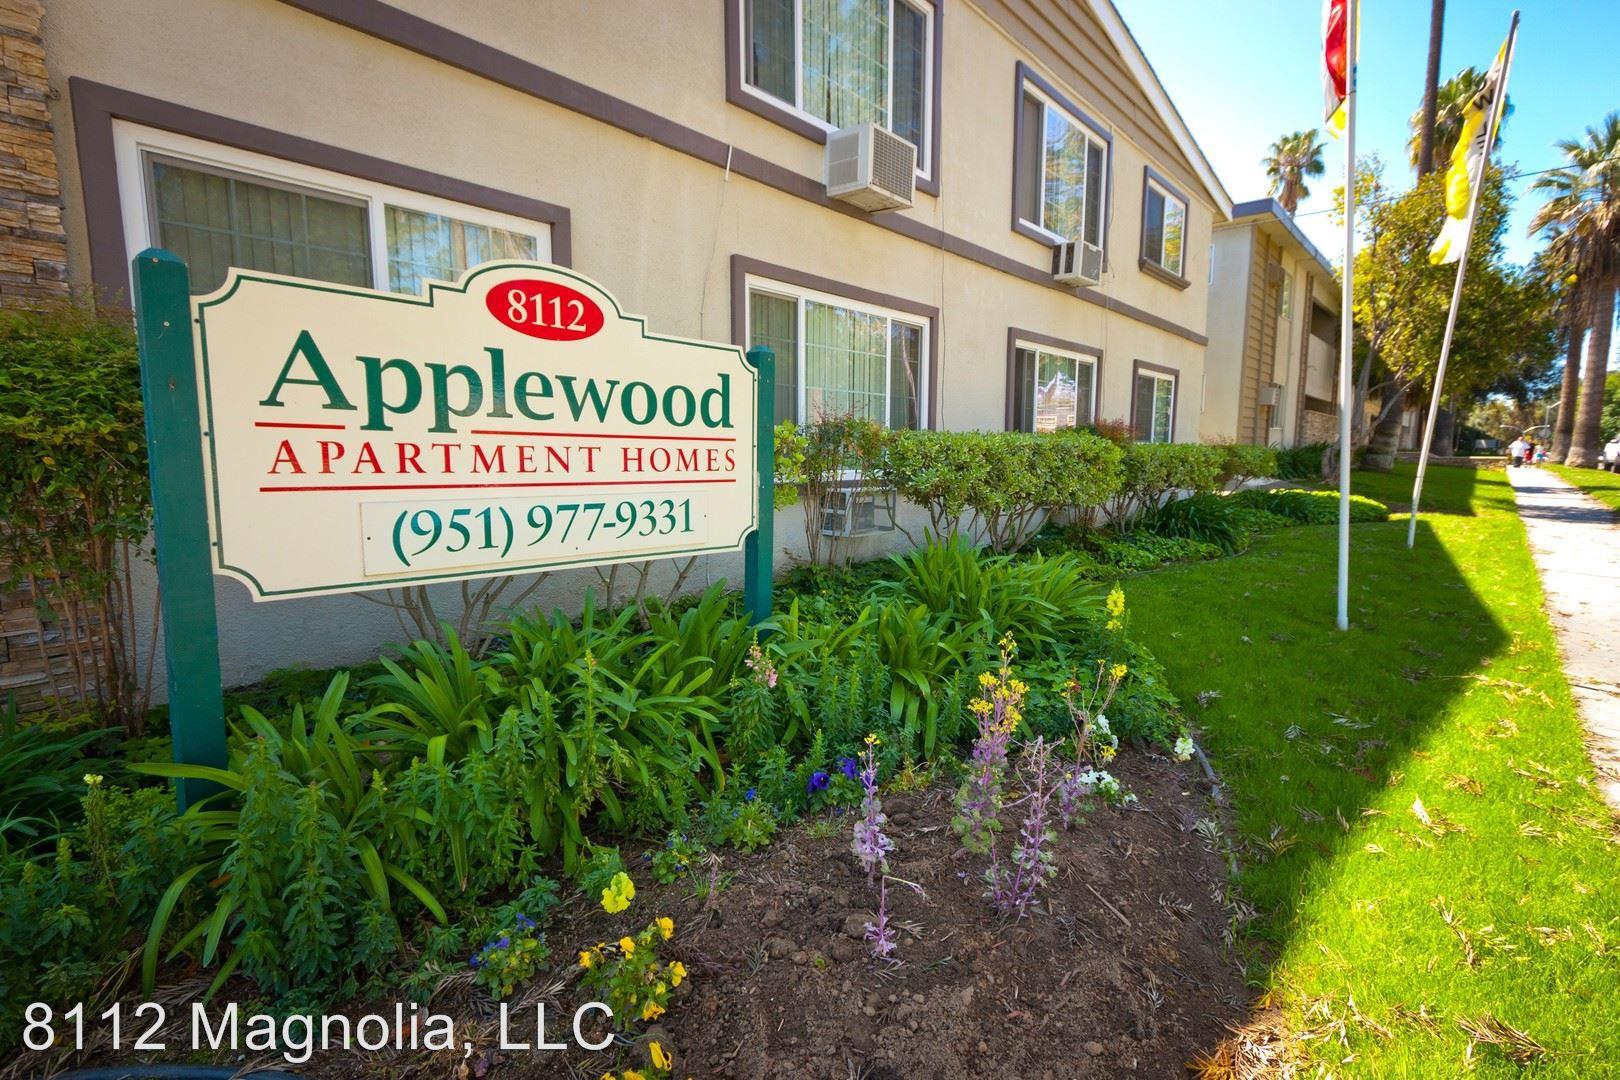 Apartments Near La Sierra Applewood for La Sierra University Students in Riverside, CA